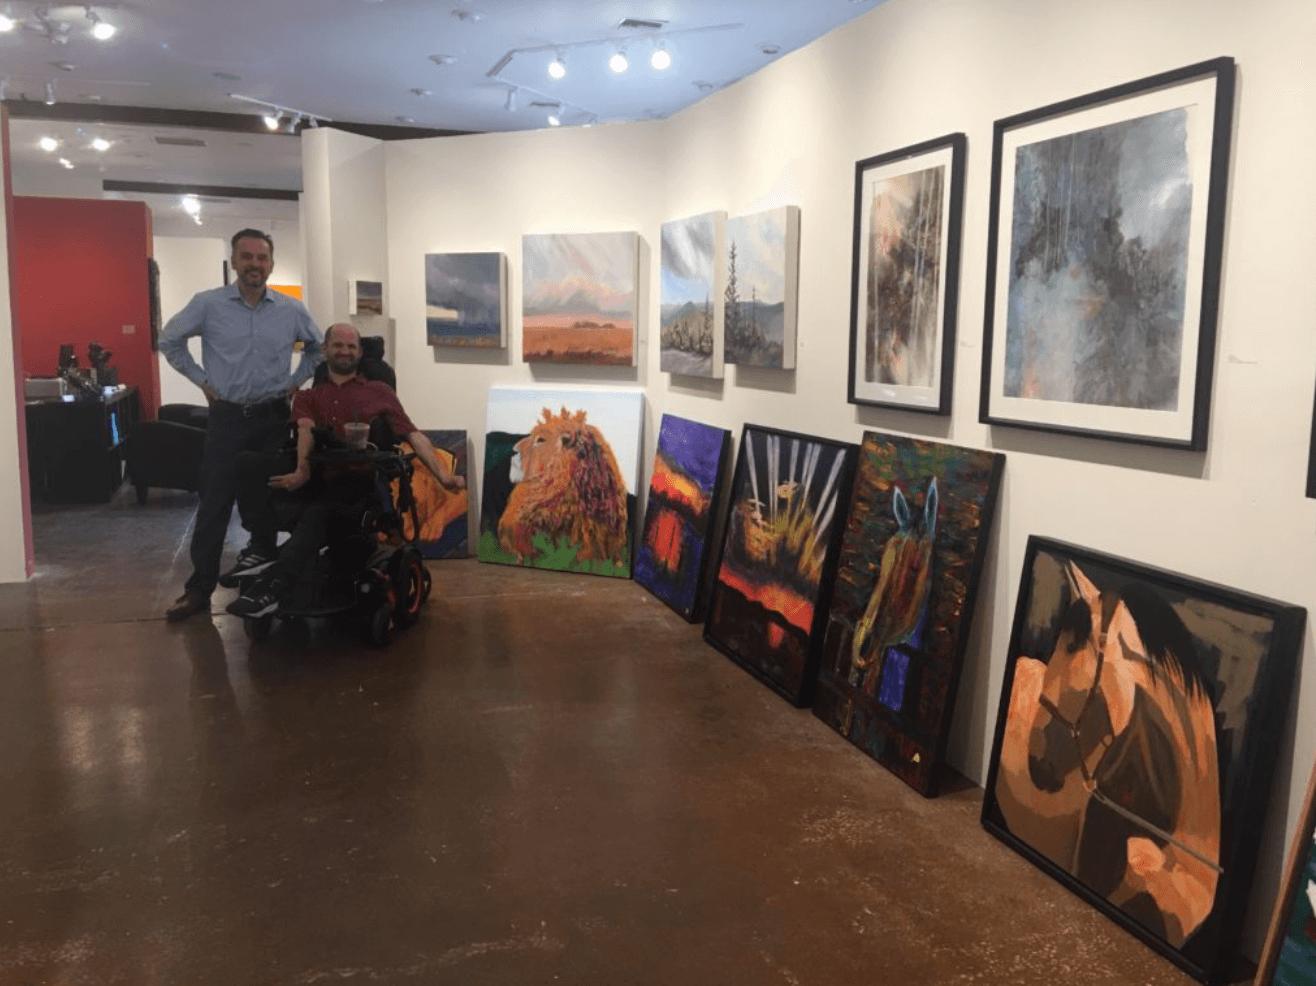 Donald Ryker Xanadu Gallery Jason Horej